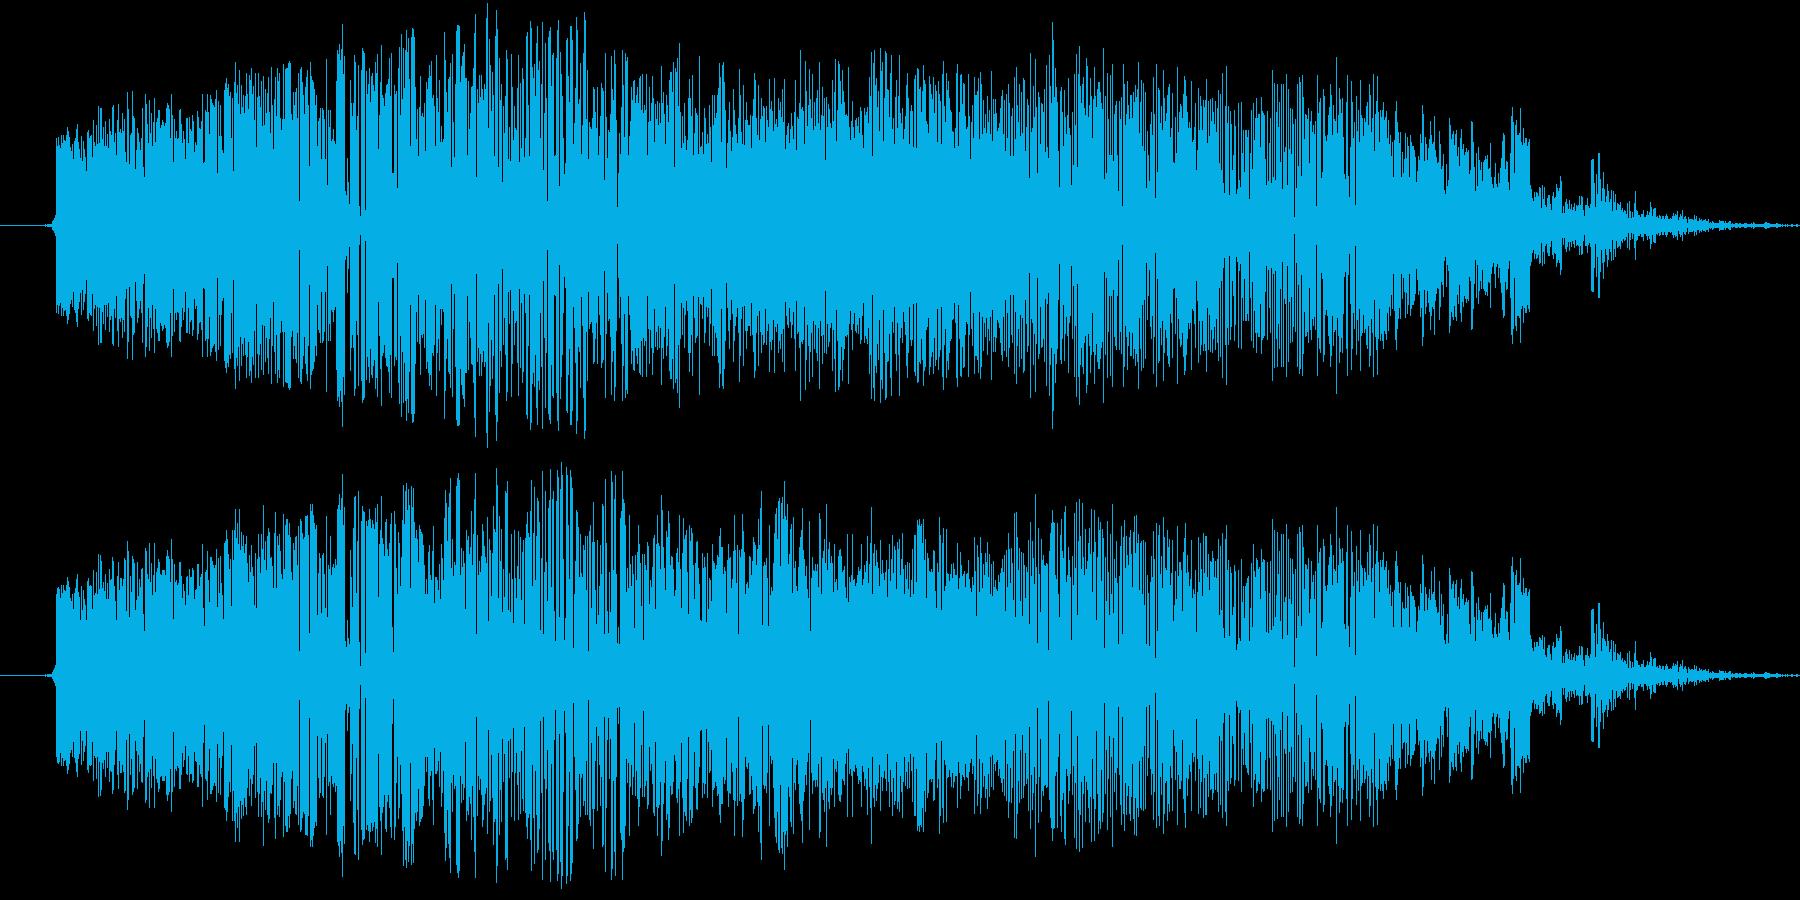 刀で斬る(時代劇風斬撃音_ズシャッ)の再生済みの波形